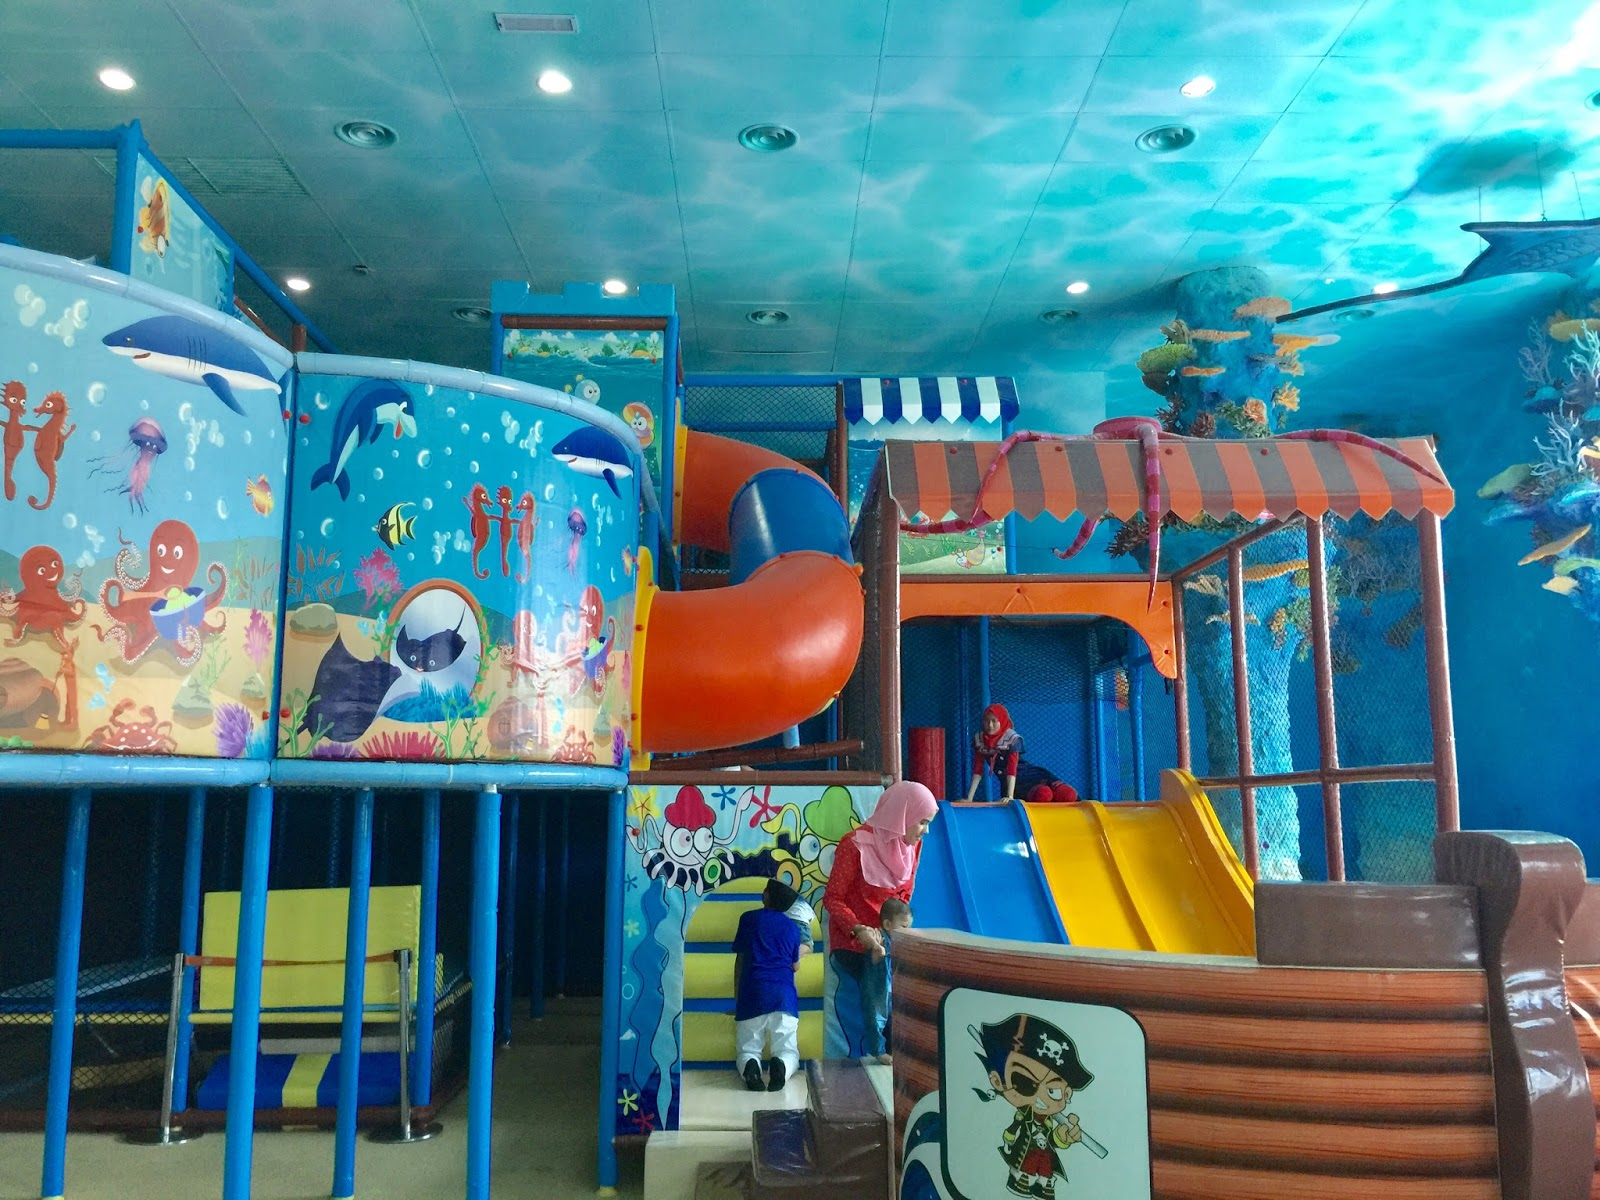 Alw Z B3 My Baby Review Movie Animation Park Studios Maps Ipoh